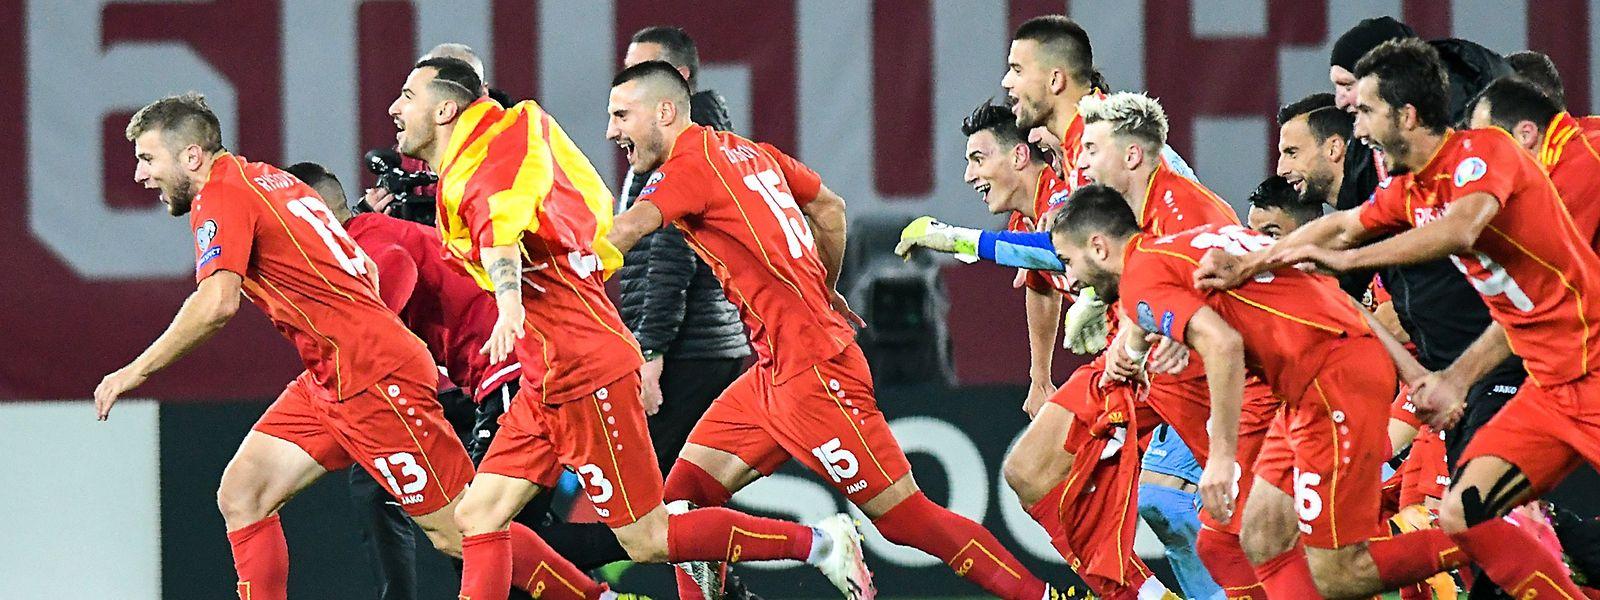 Die Nationalspieler aus Nordmazedonien feierten nach dem Schlusspfiff ausgiebig.